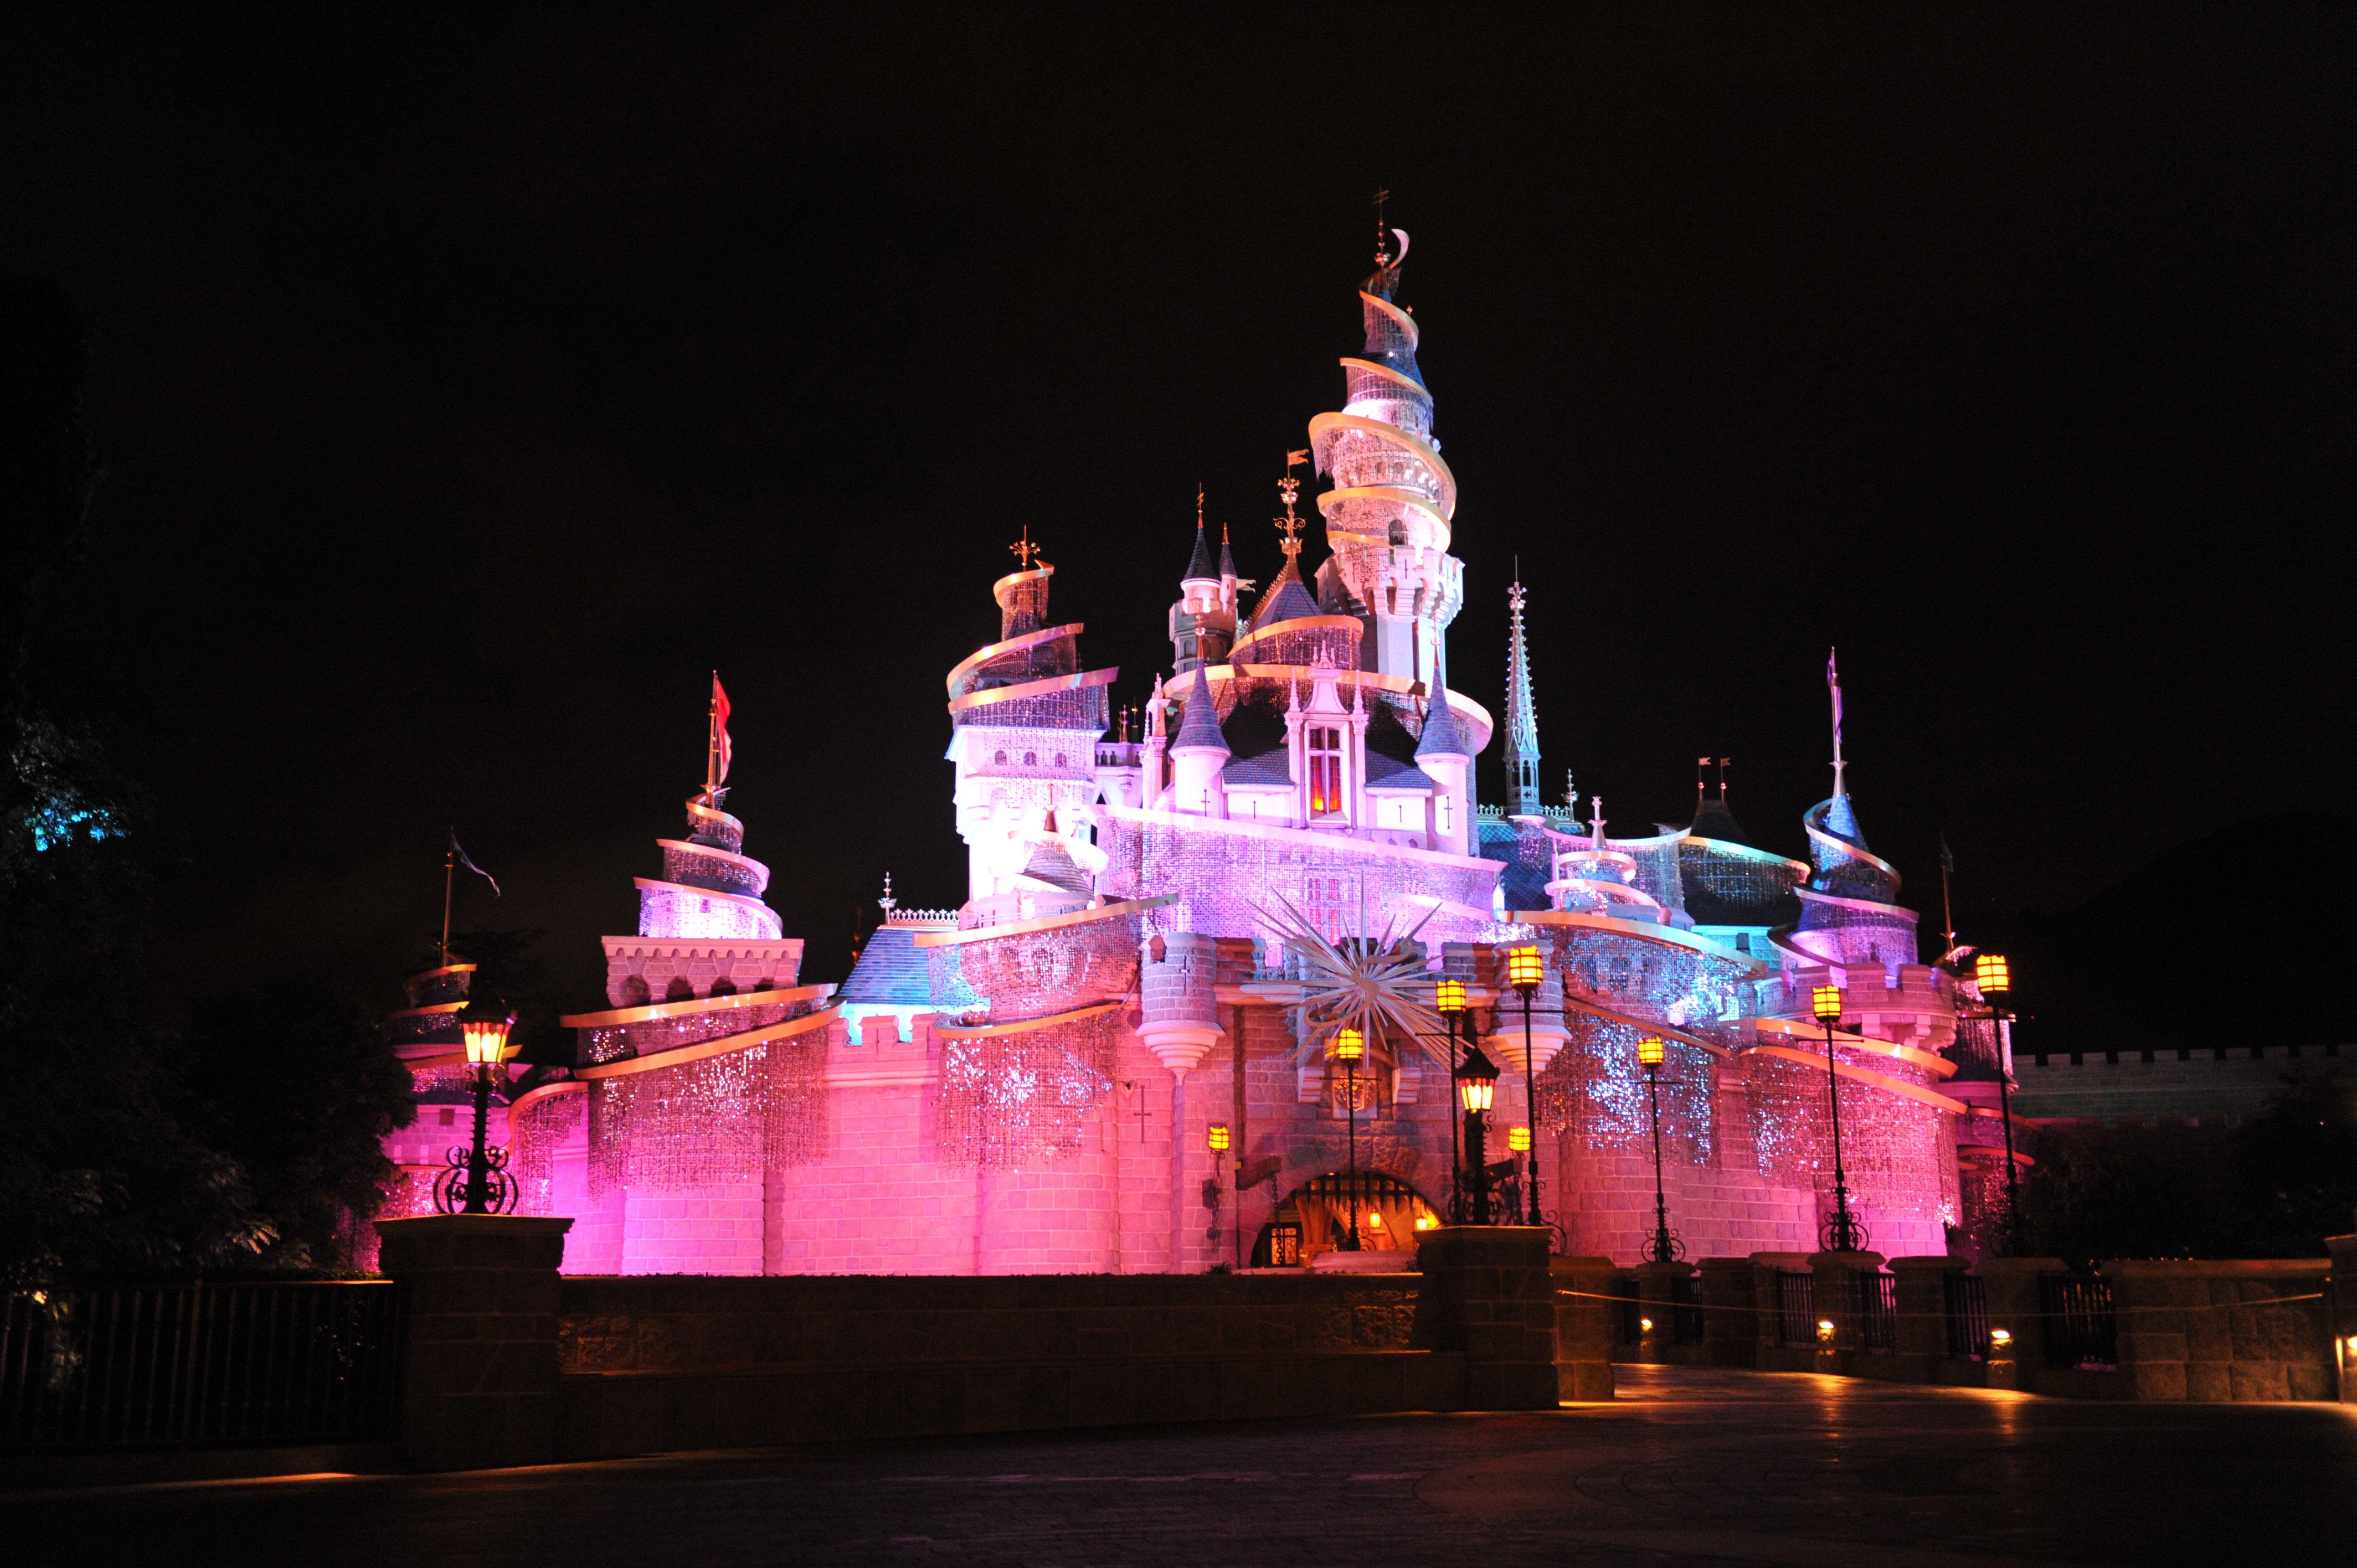 夜游迪士尼 - 主题公园